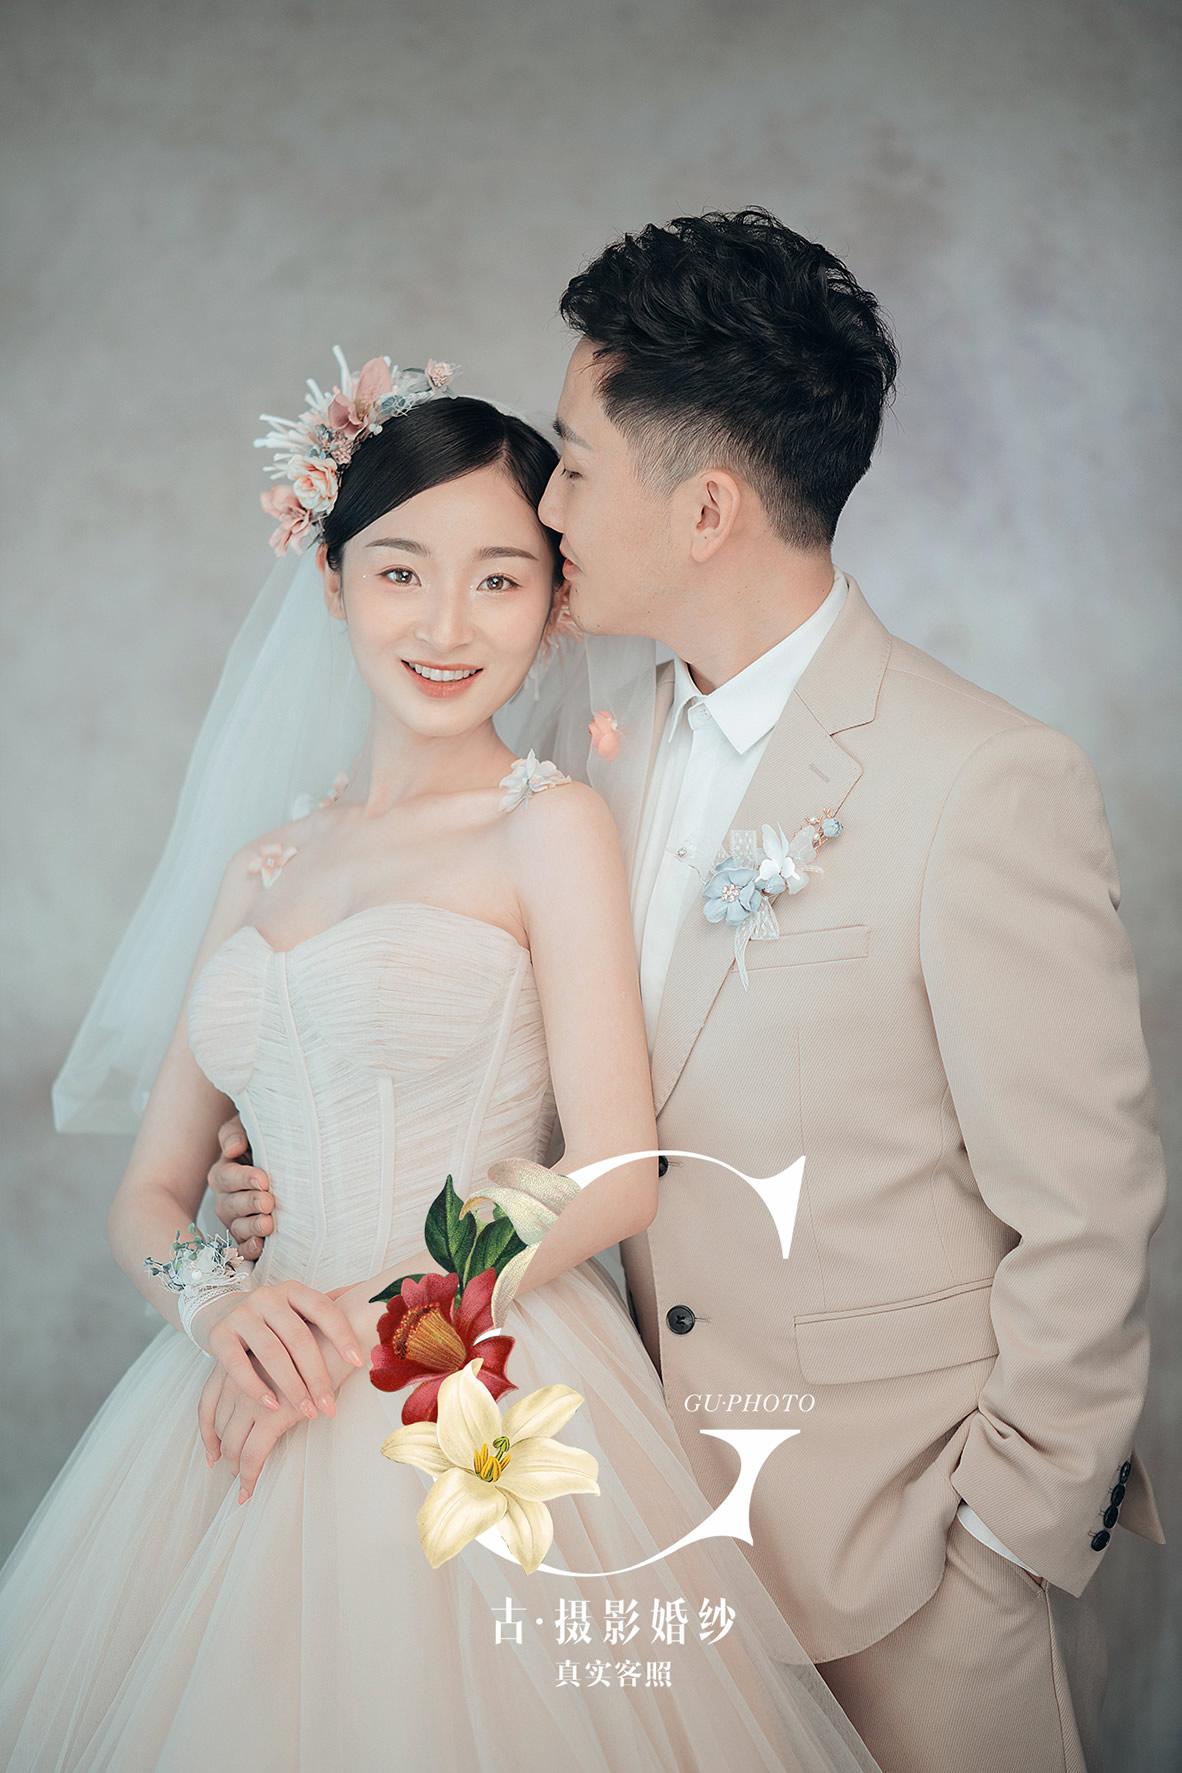 梁小姐夫妇 - 每日客照 - 广州婚纱摄影-广州古摄影官网